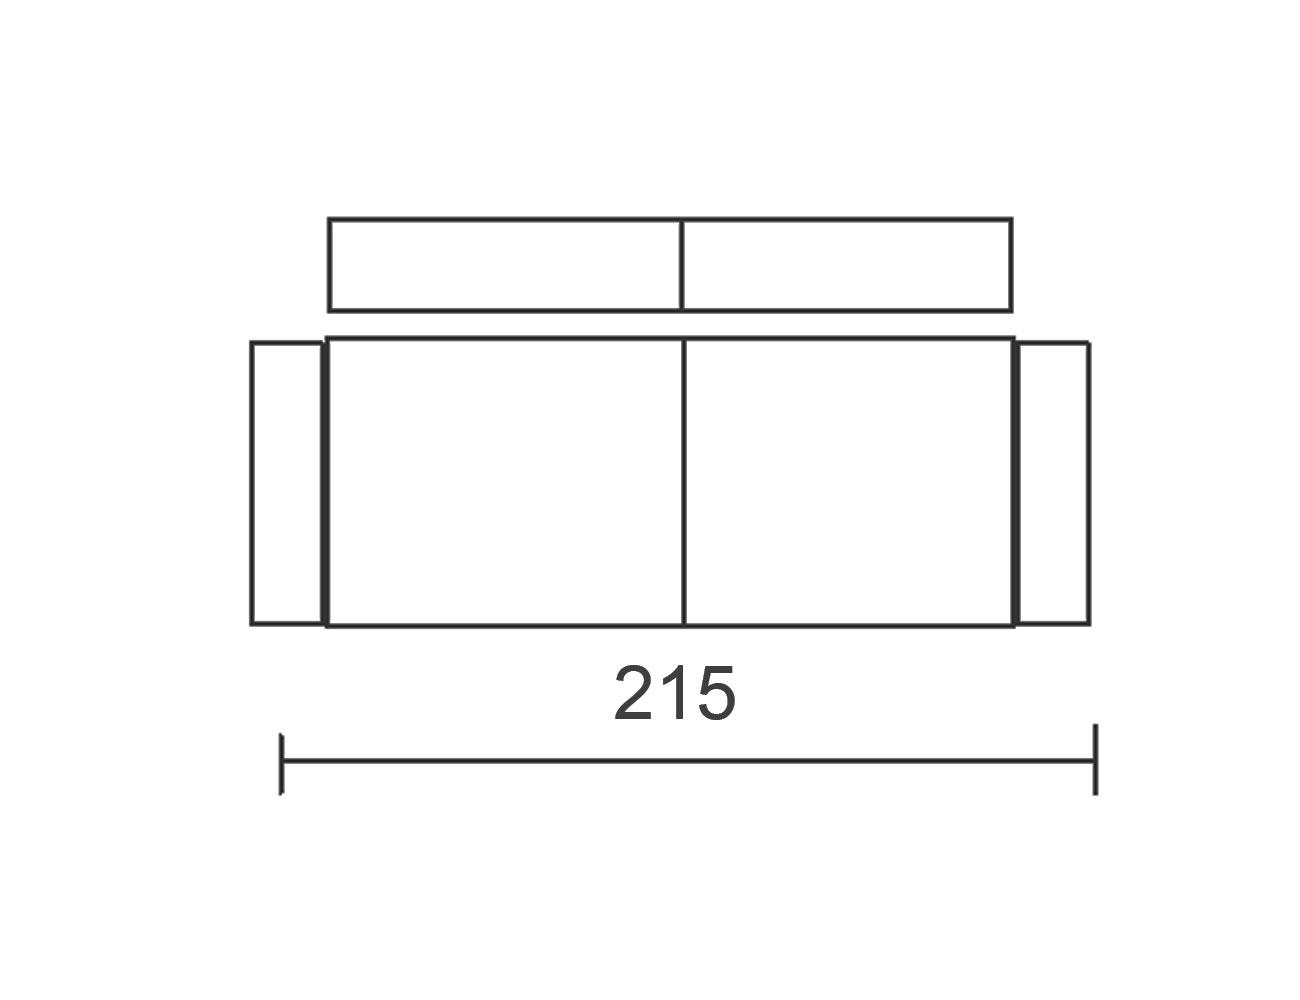 Modulo 2152